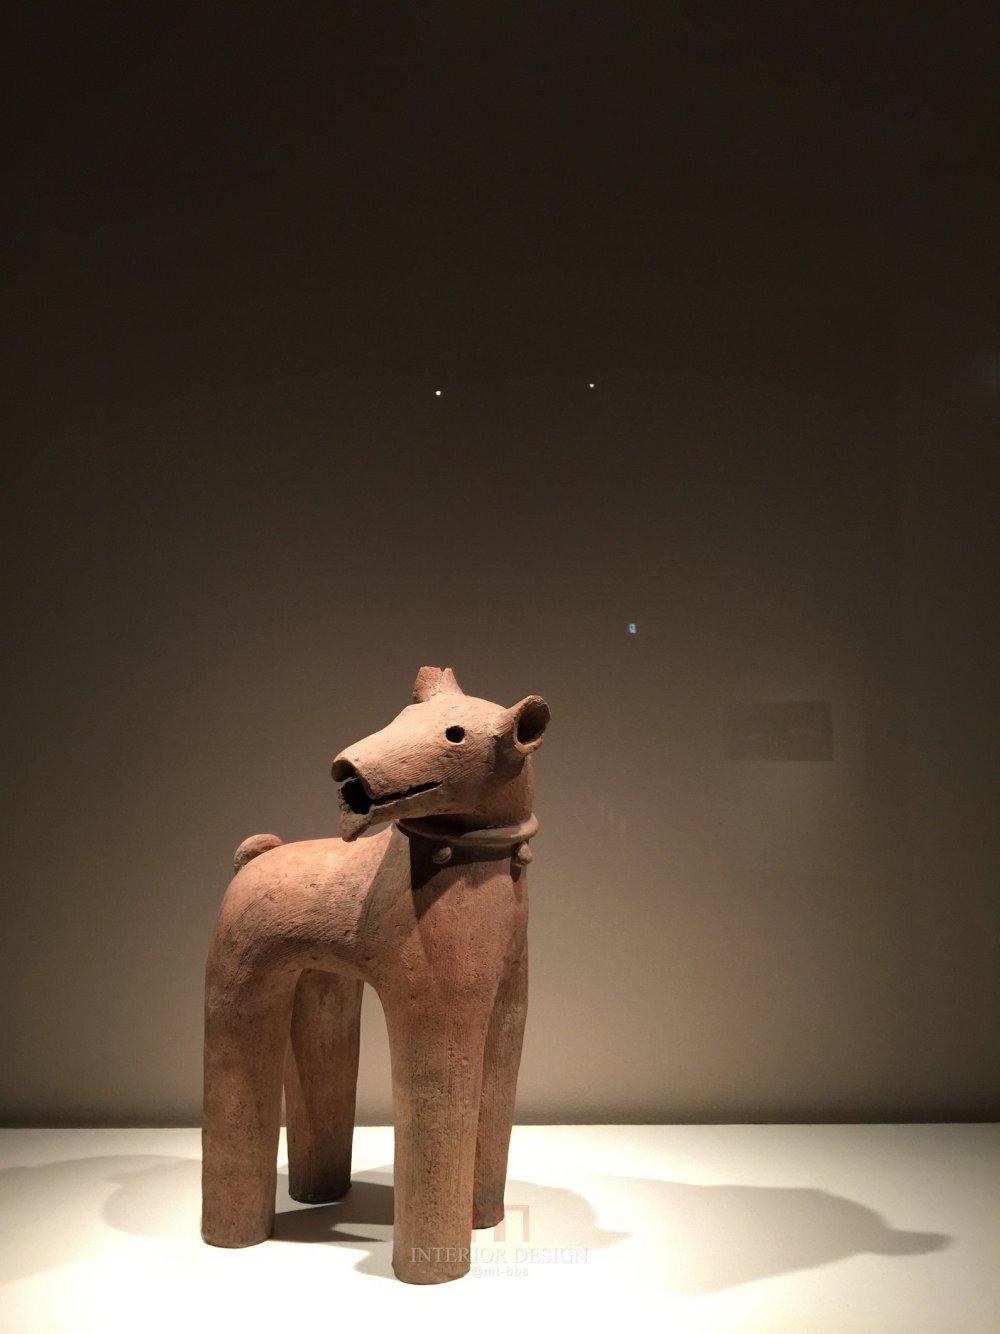 日本美秀美术馆MIHO MUSEUM自拍分享-贝聿铭_IMG_7291.JPG